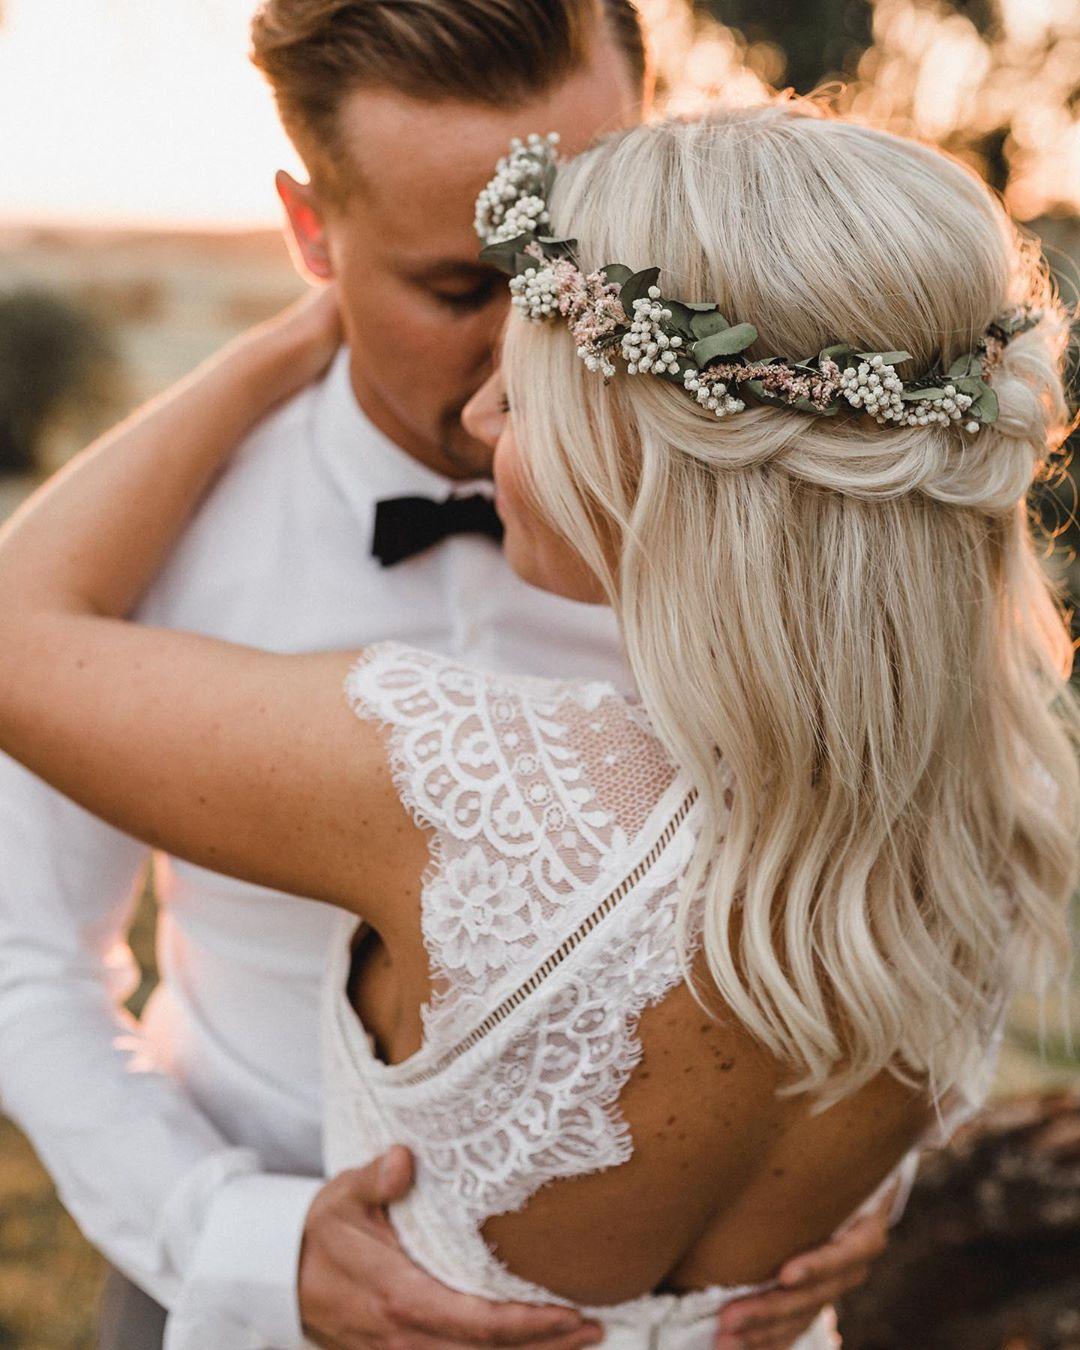 """SIMONE & MIRKO / PHOTO & FILM en Instagram: """"Cabello trenzado, coronas de flores, vestidos de novia sin espalda, parejas de enamorados, ramos de flores salvajes y maravillosas puestas de sol. Obténgalo …"""